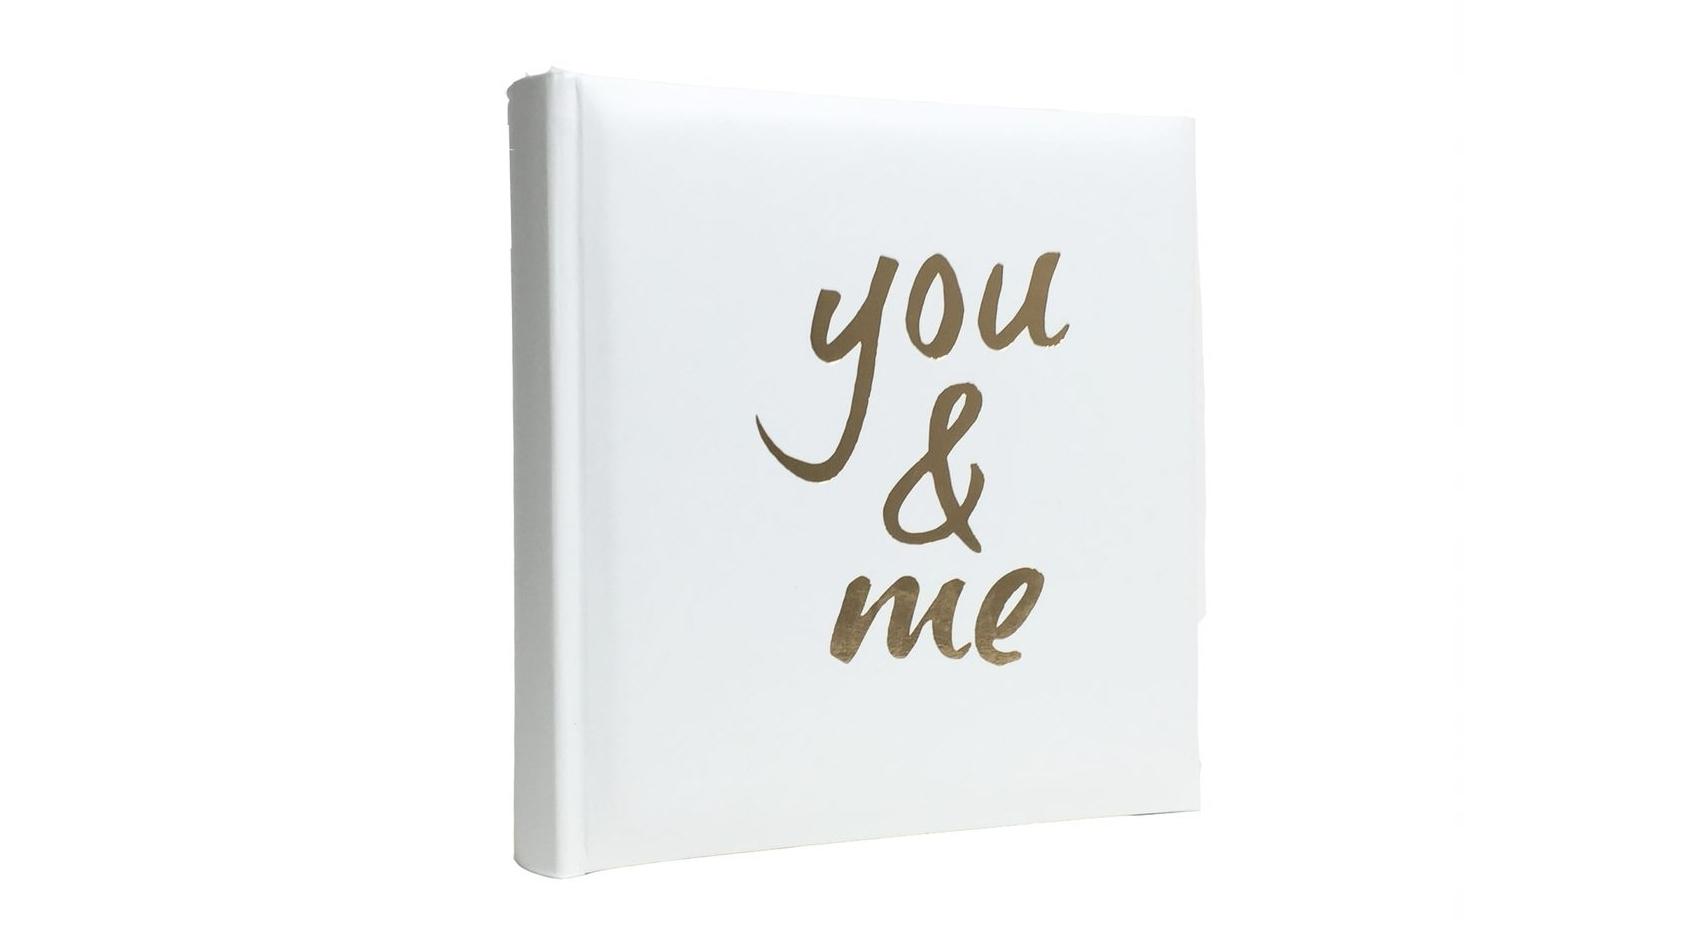 Image of Platinum Moda 'You&Me' Slip-In 4x6 200 Photo Album - White